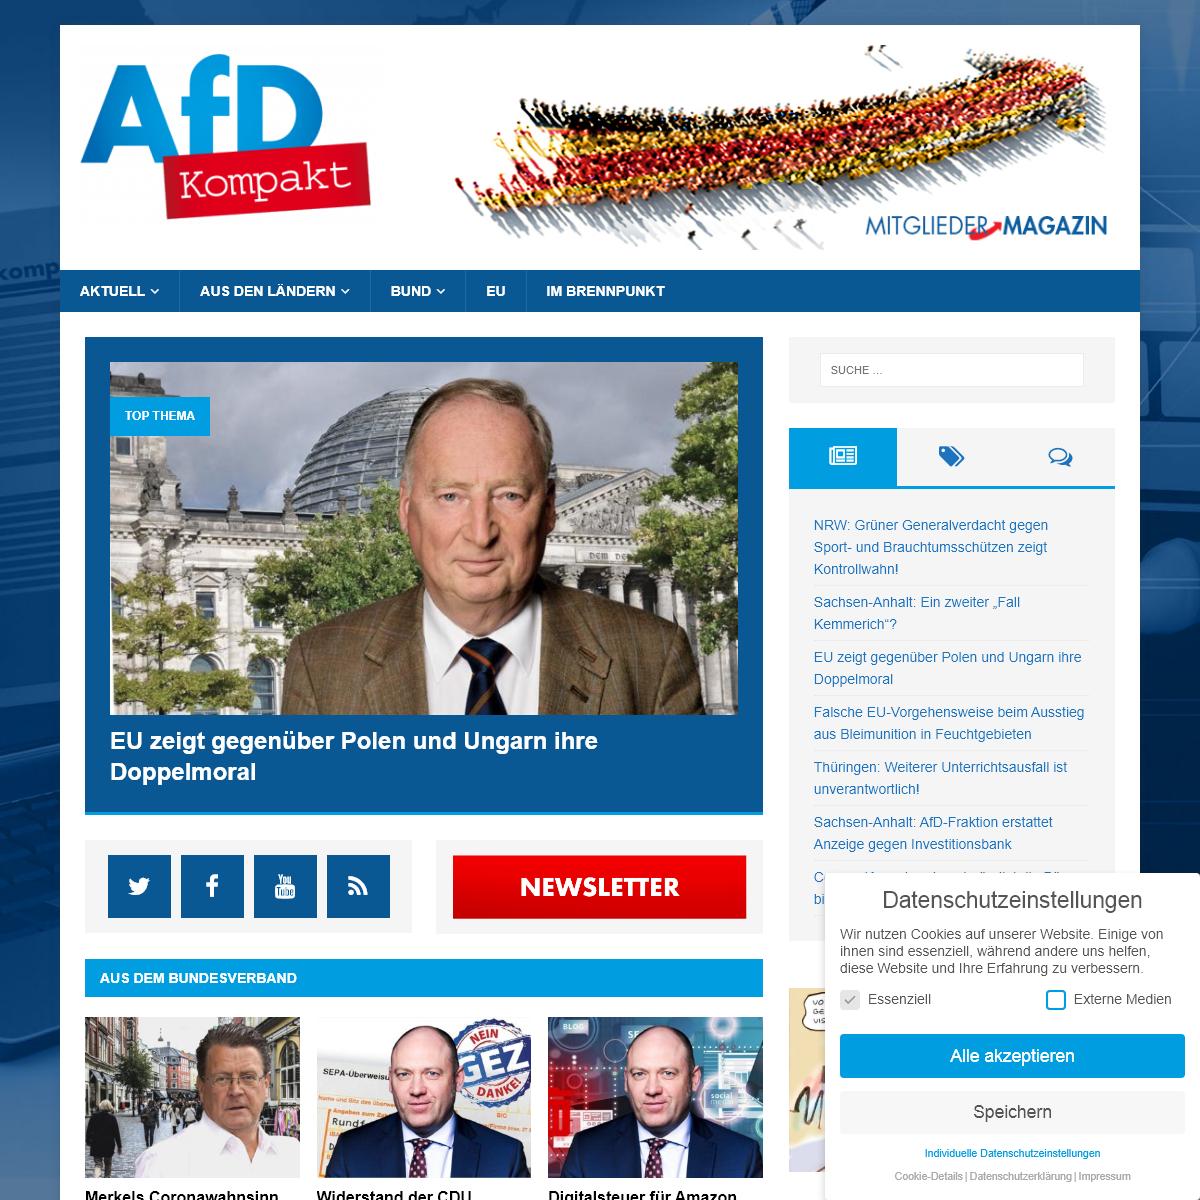 AfD Kompakt - Das Mitgliedermagazin der Alternative für Deutschland